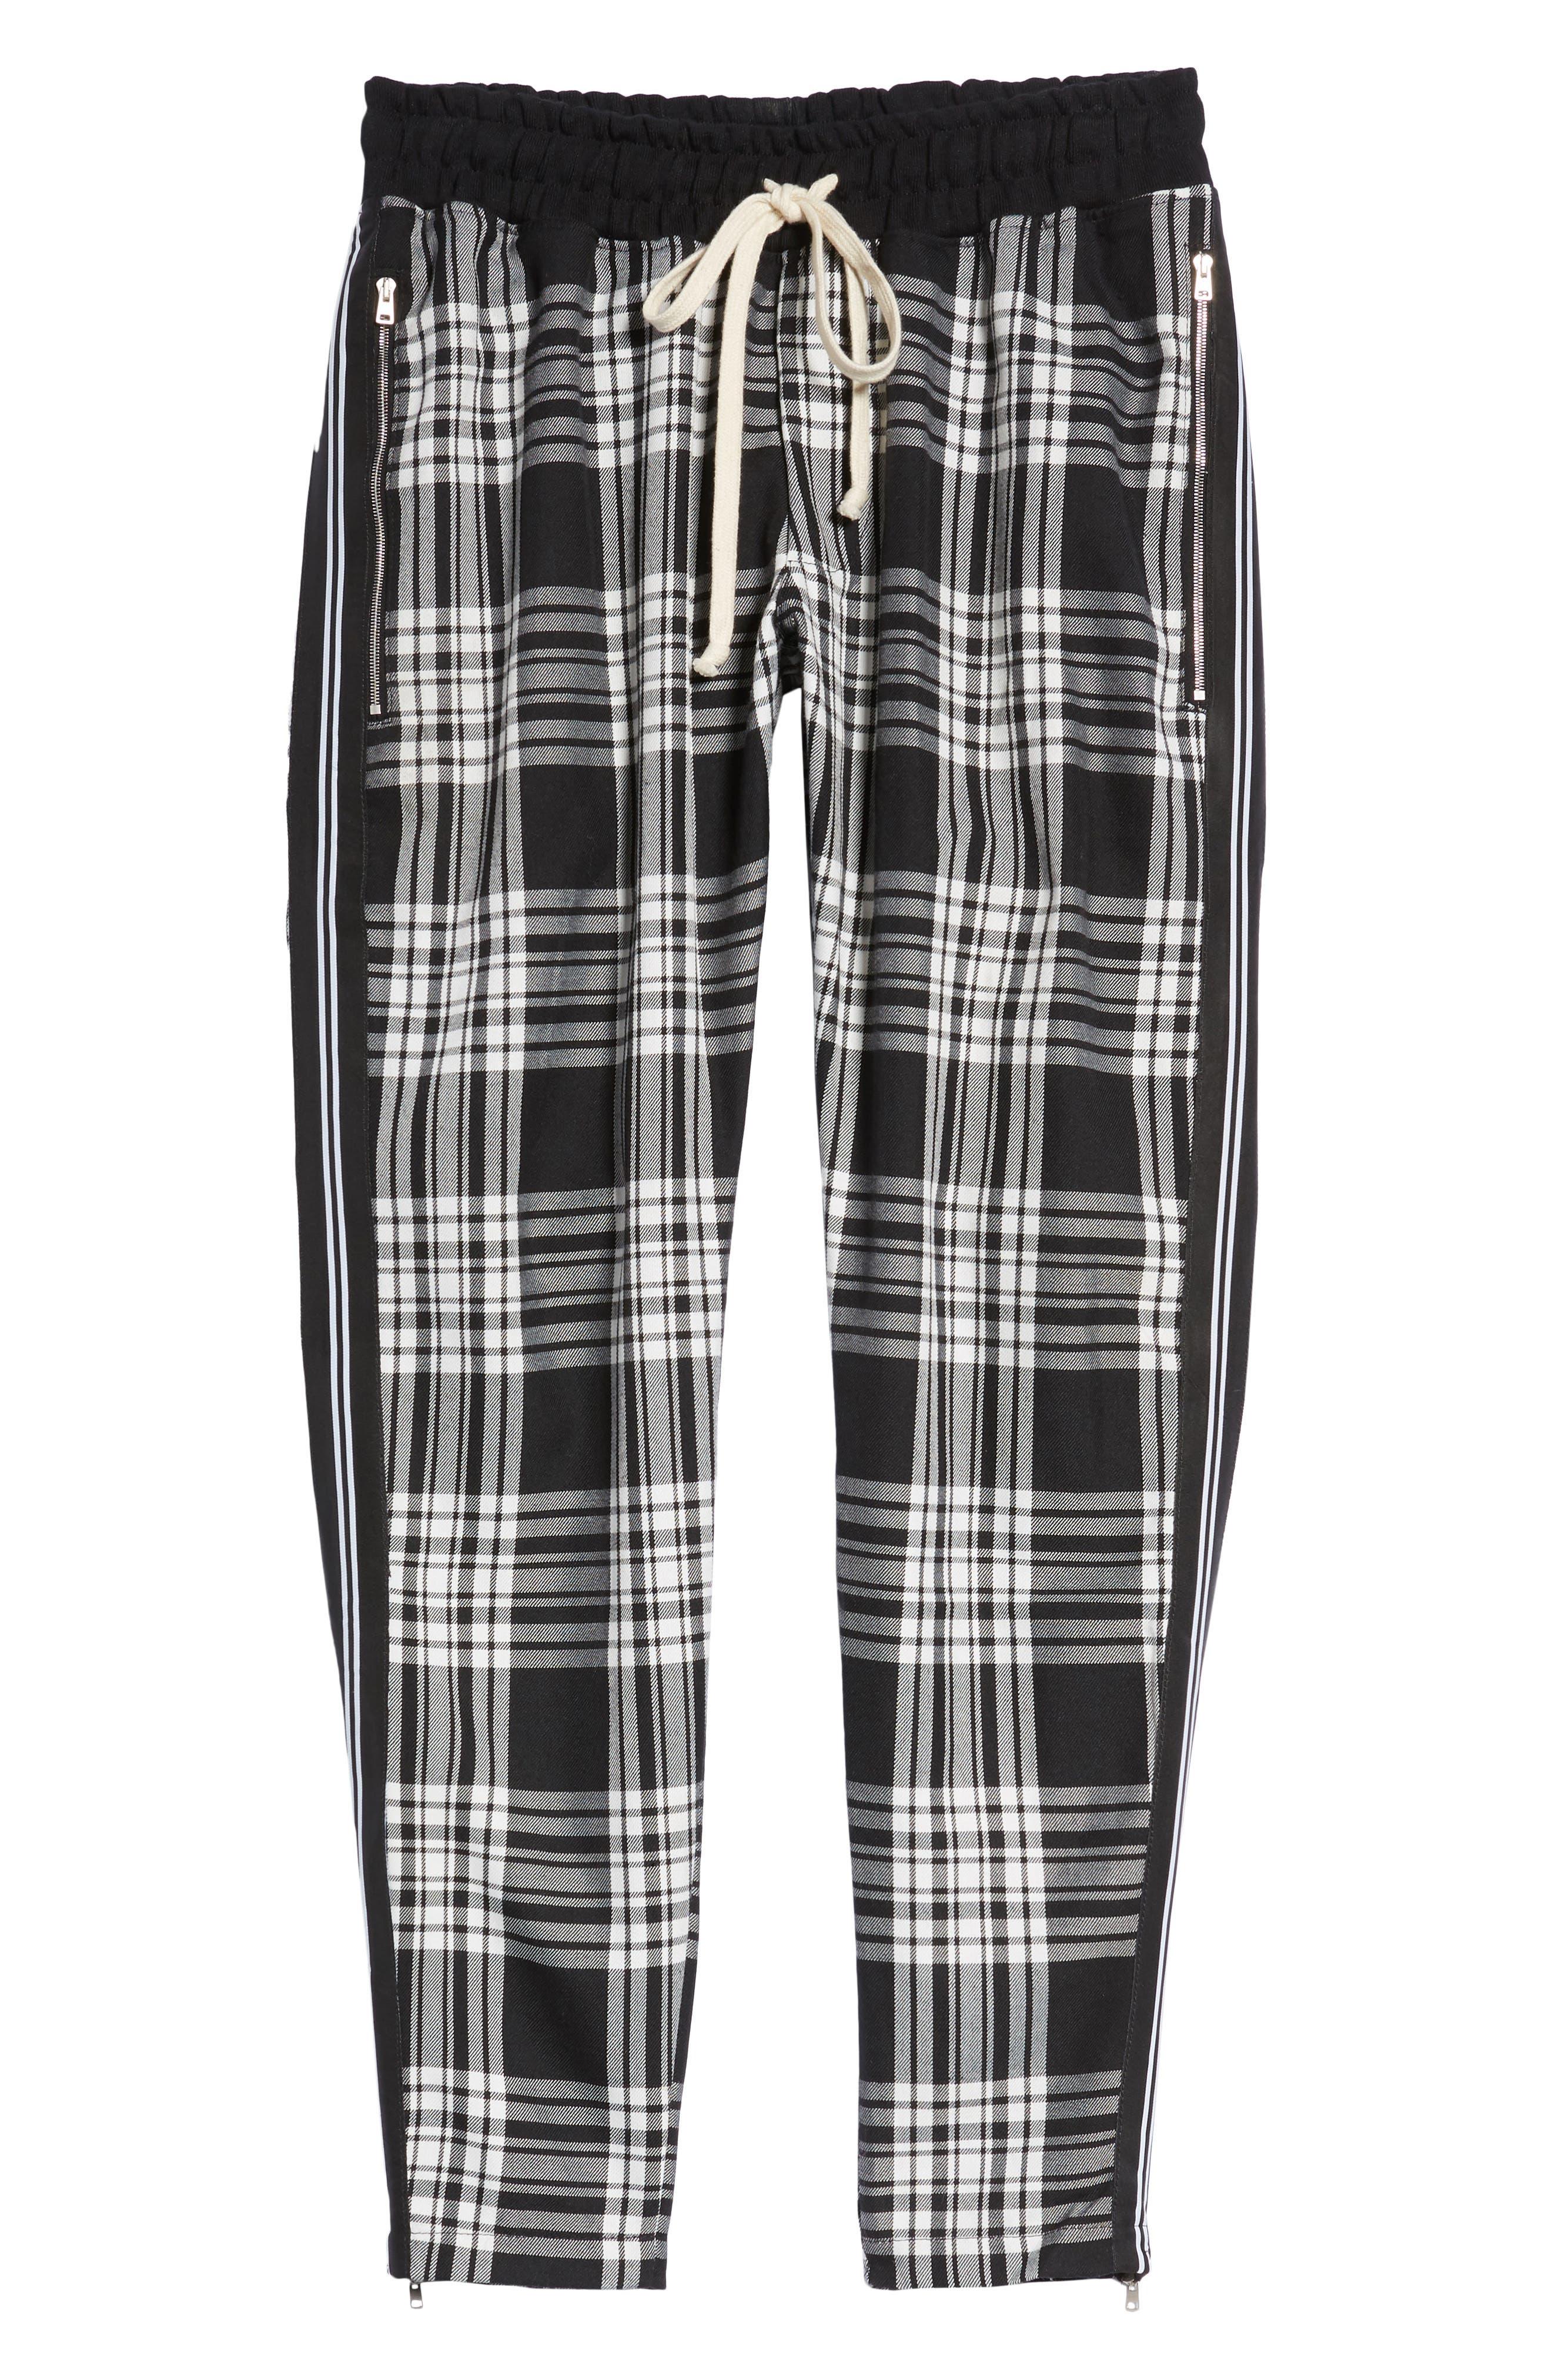 Plaid Jogger Pants,                             Alternate thumbnail 6, color,                             Black